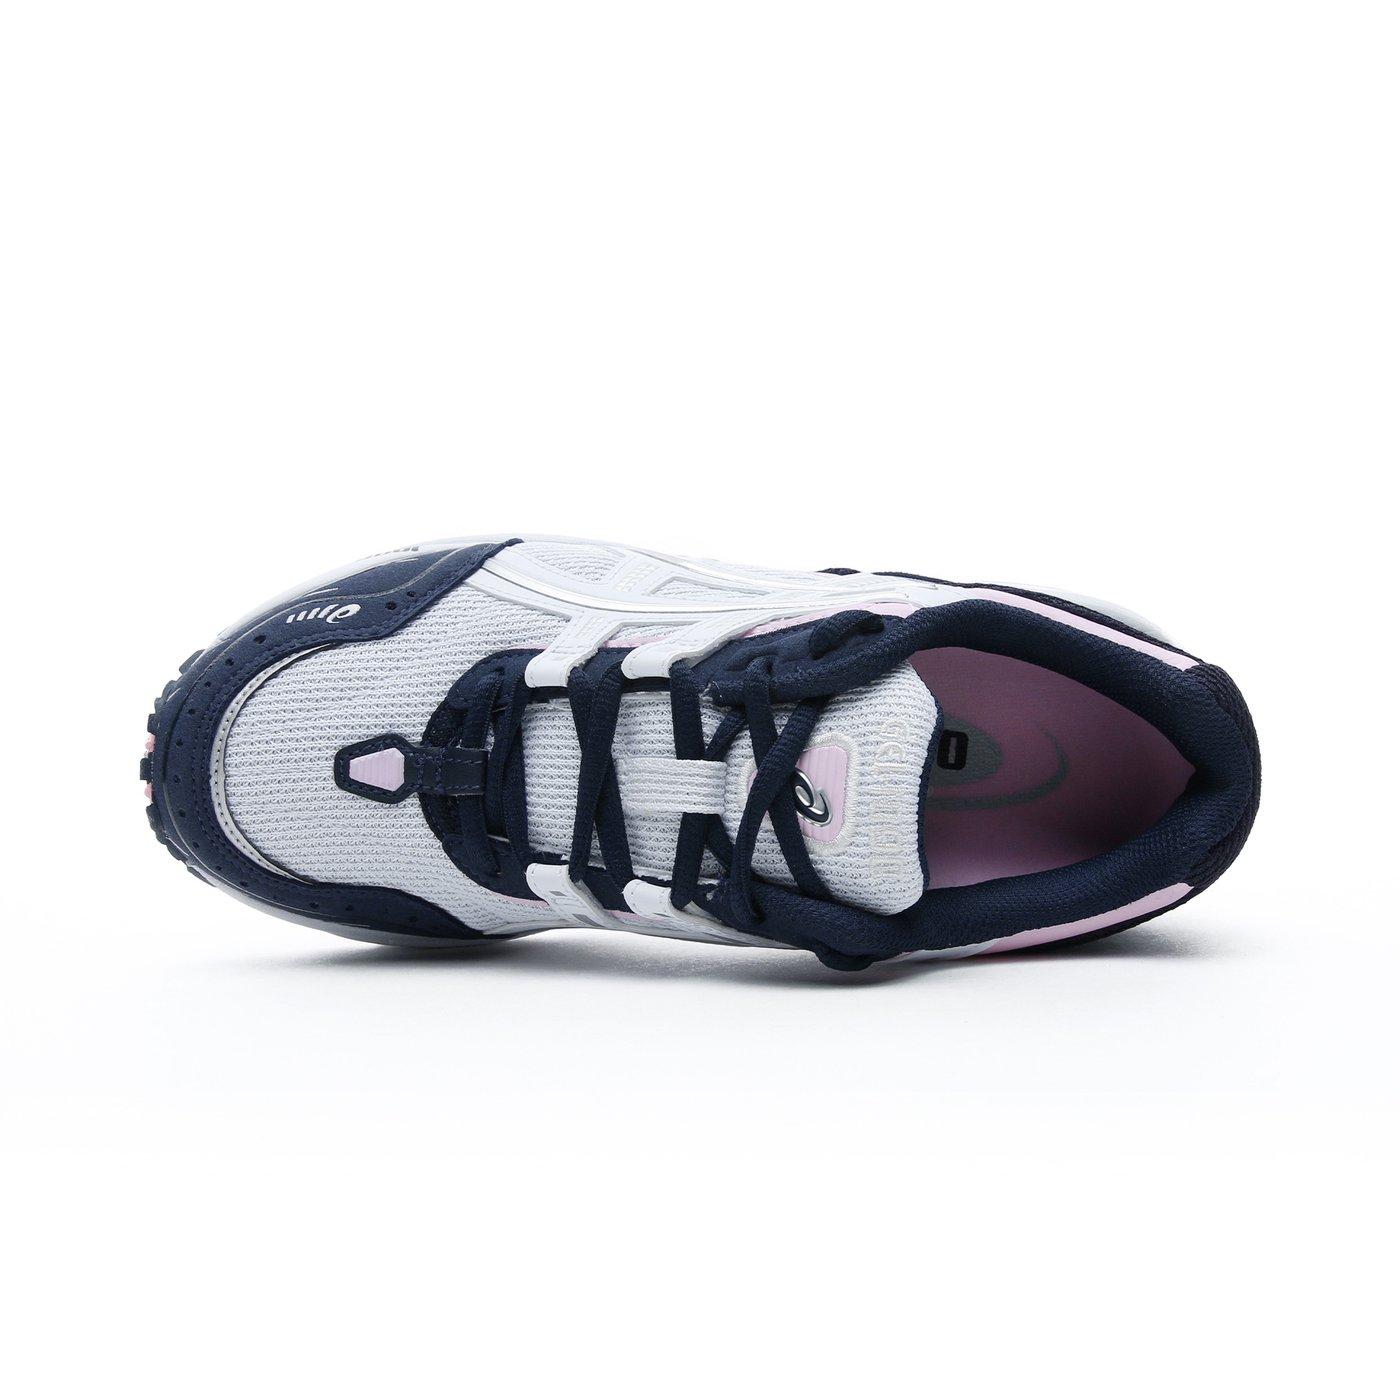 Asics Gel 1090 Beyaz Kadın Spor Ayakkabı